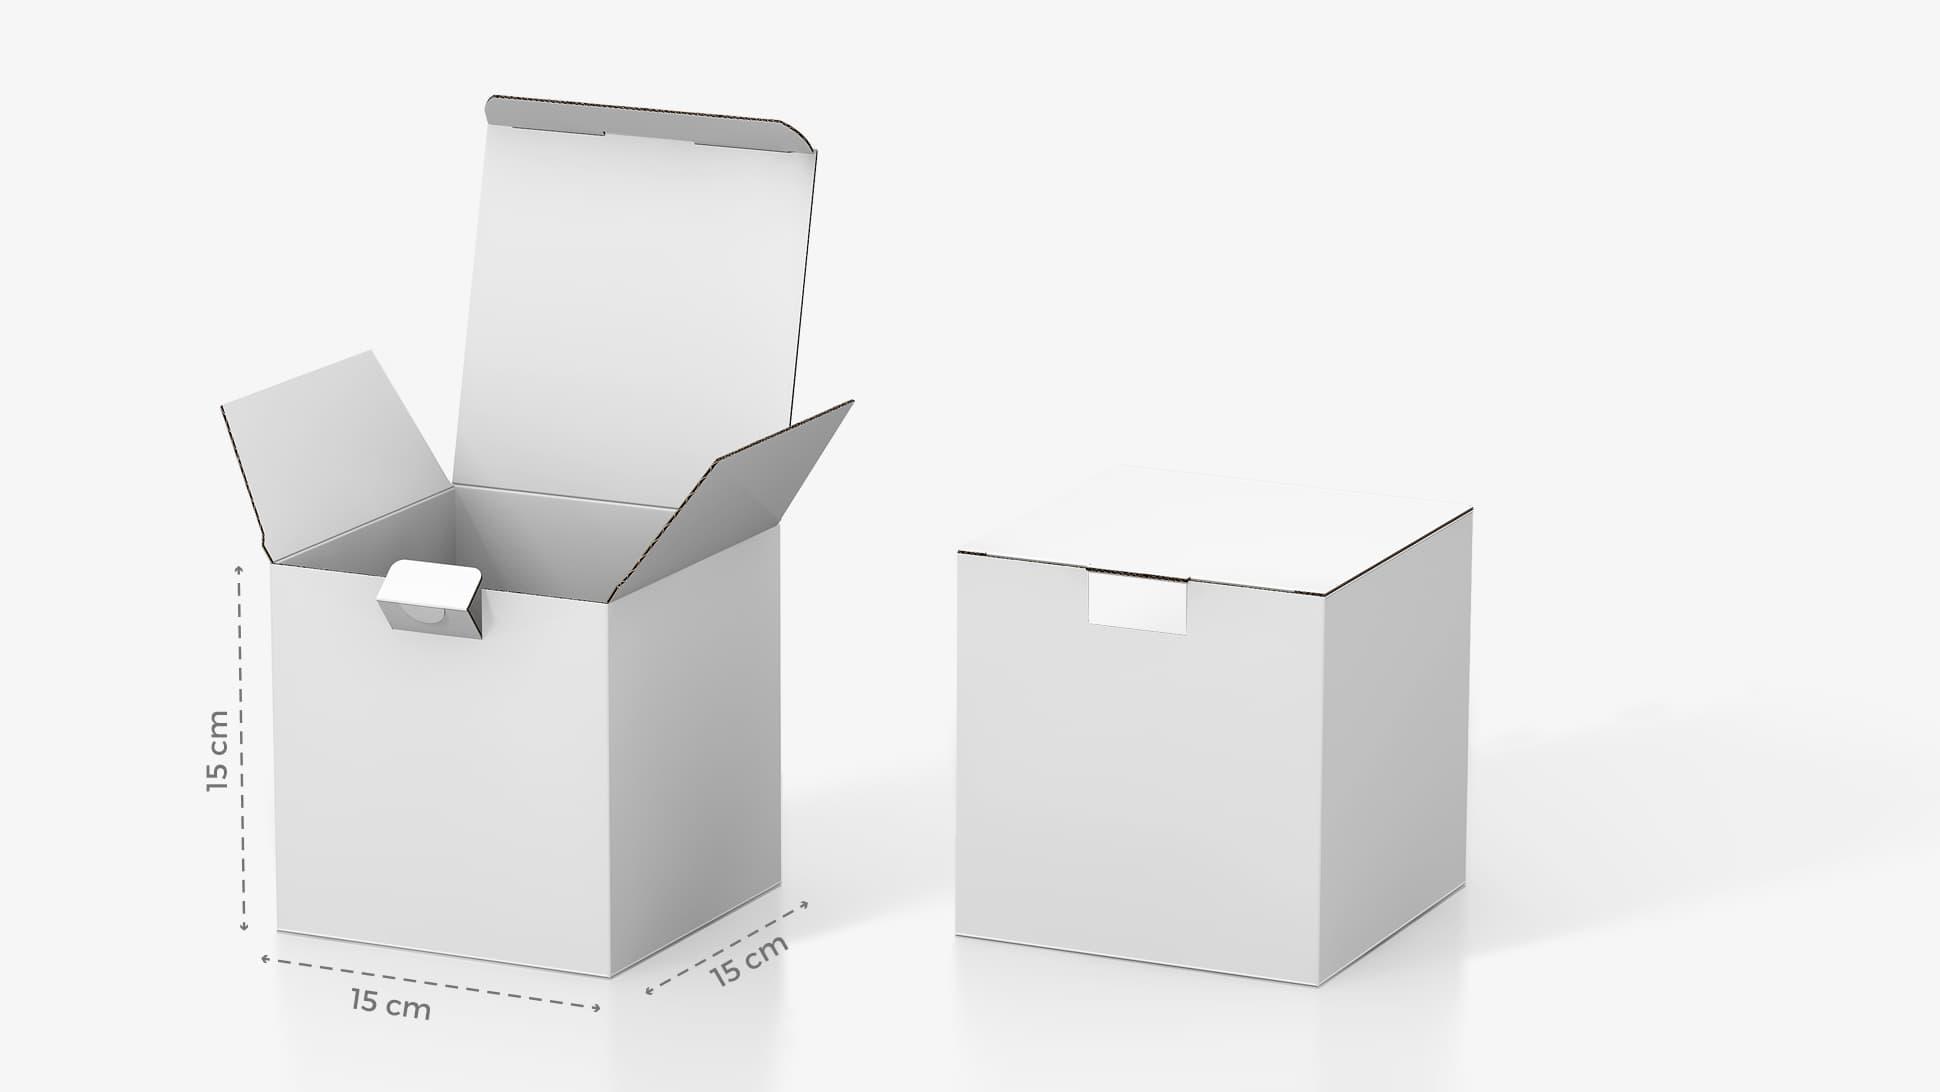 Scatola in cartone 15x15 cm personalizzabile | tictac.it